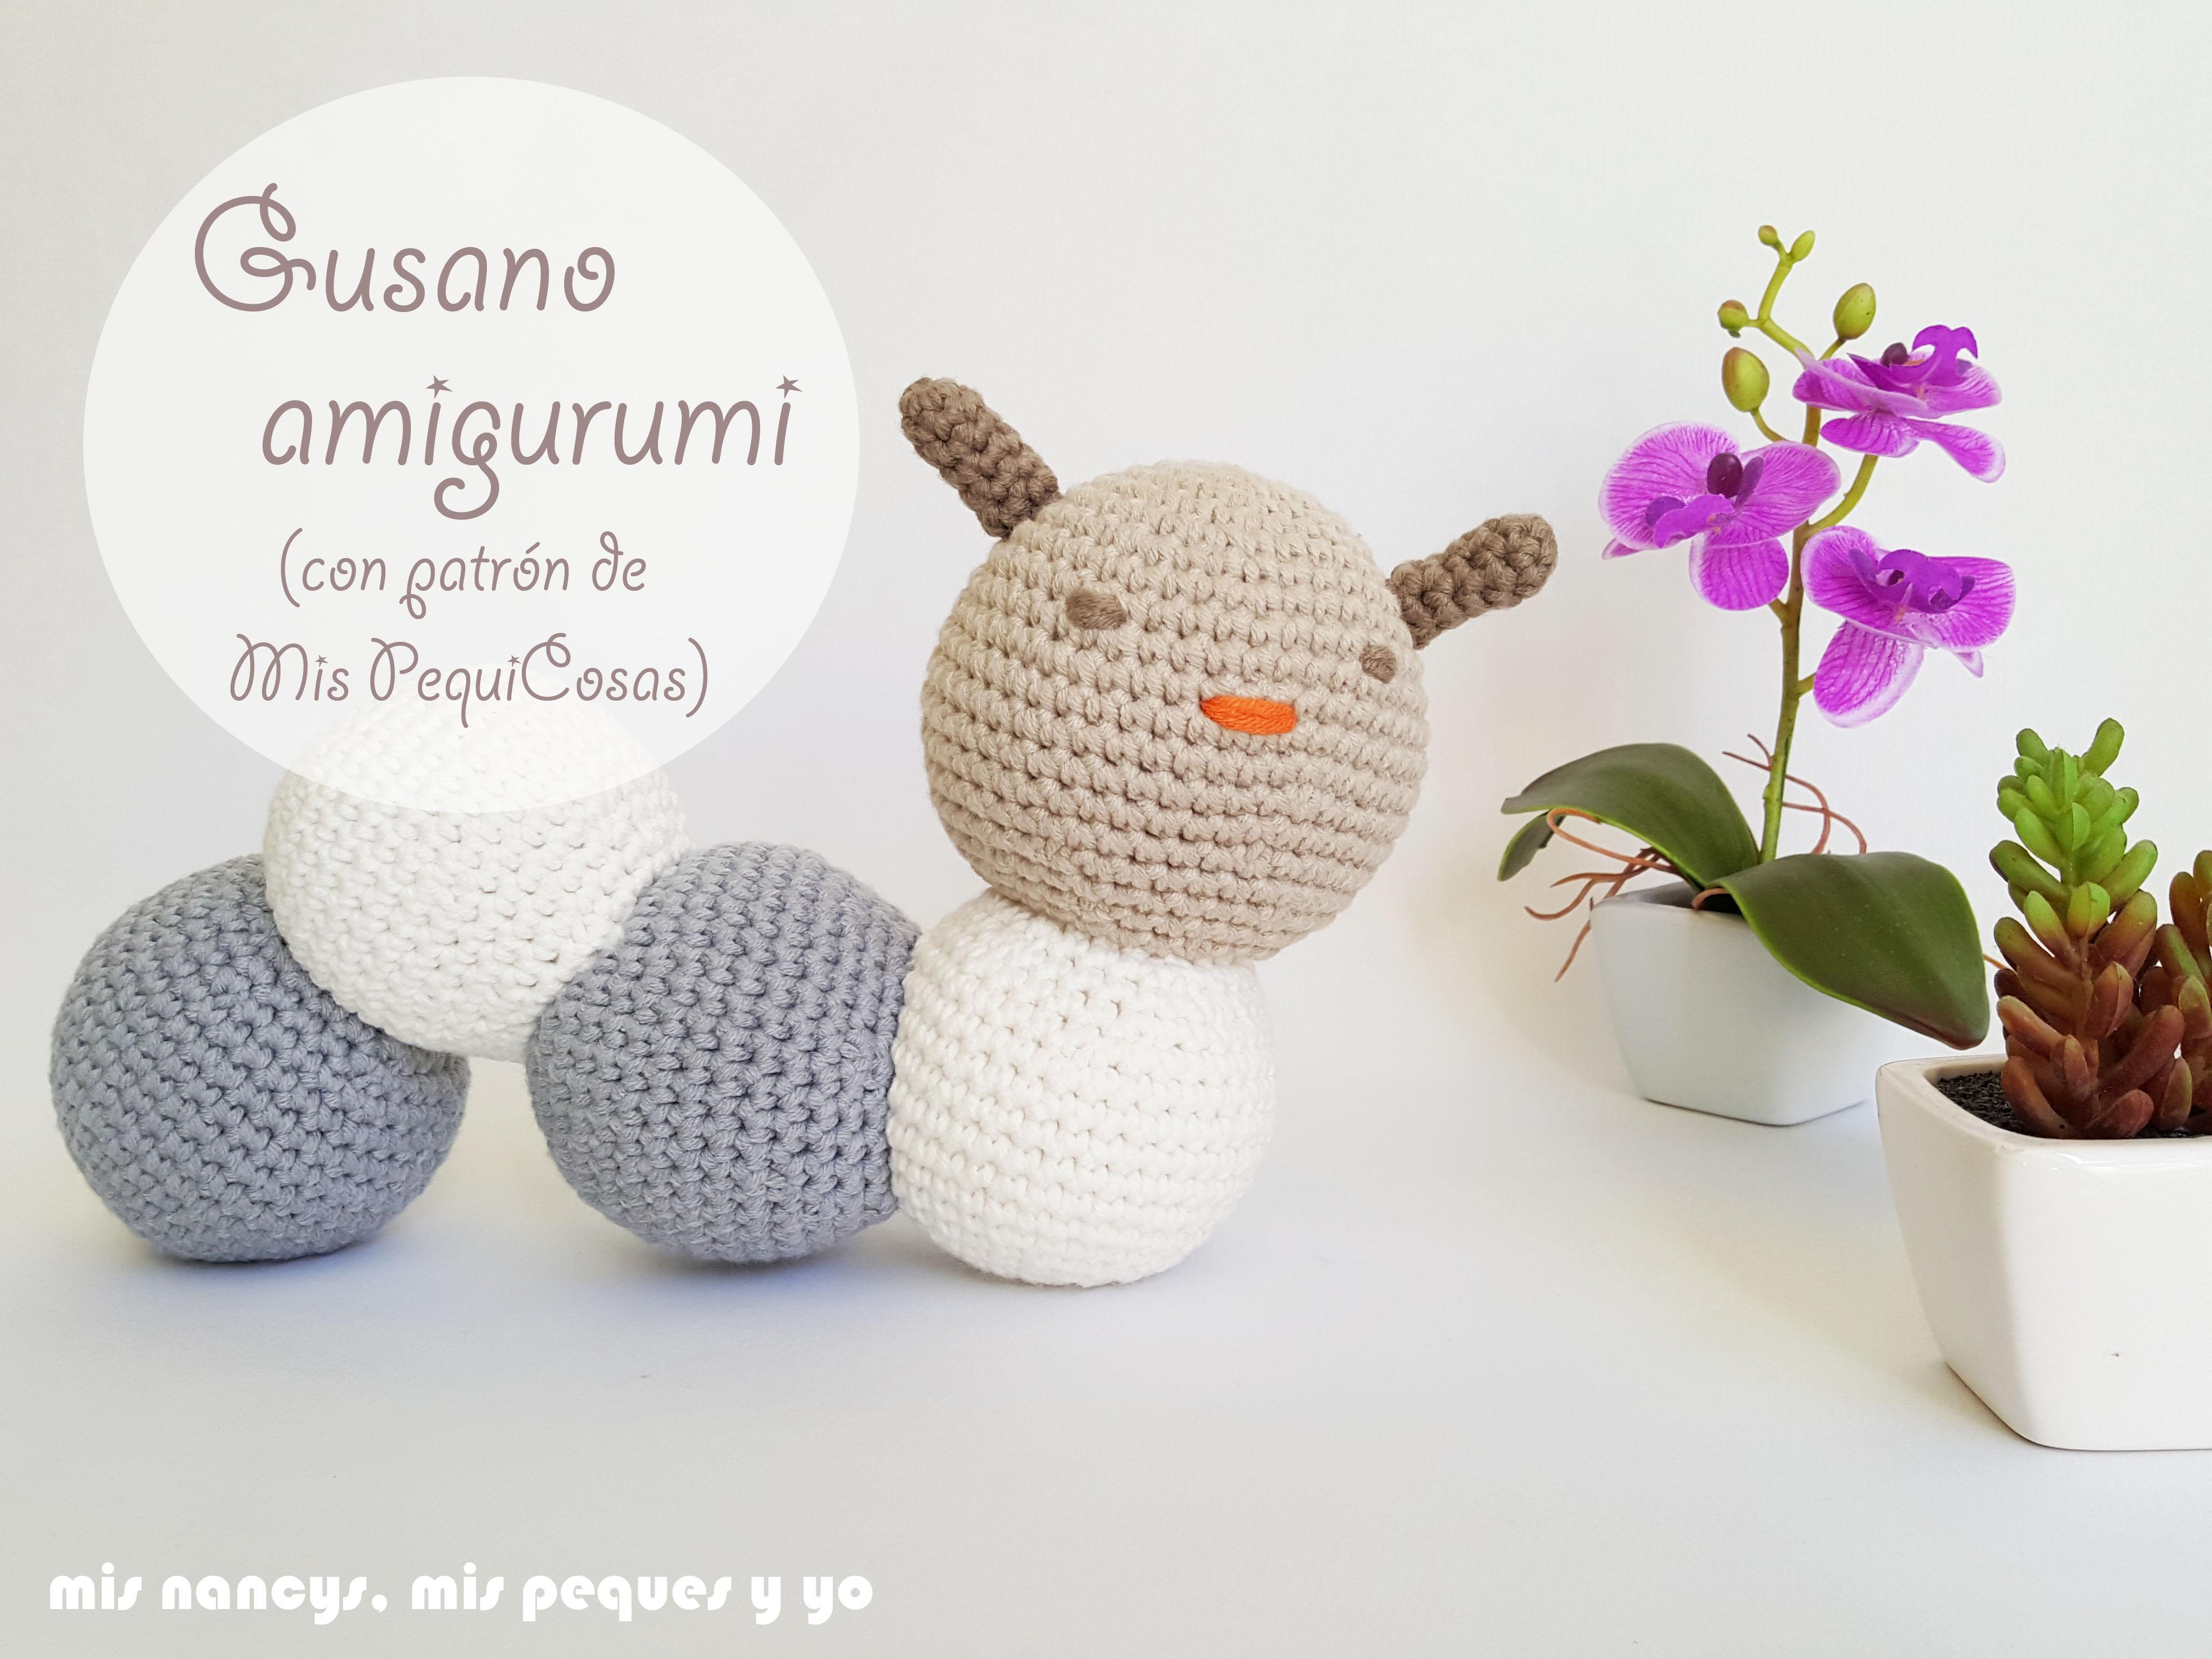 Gusano amigurumi bicolor